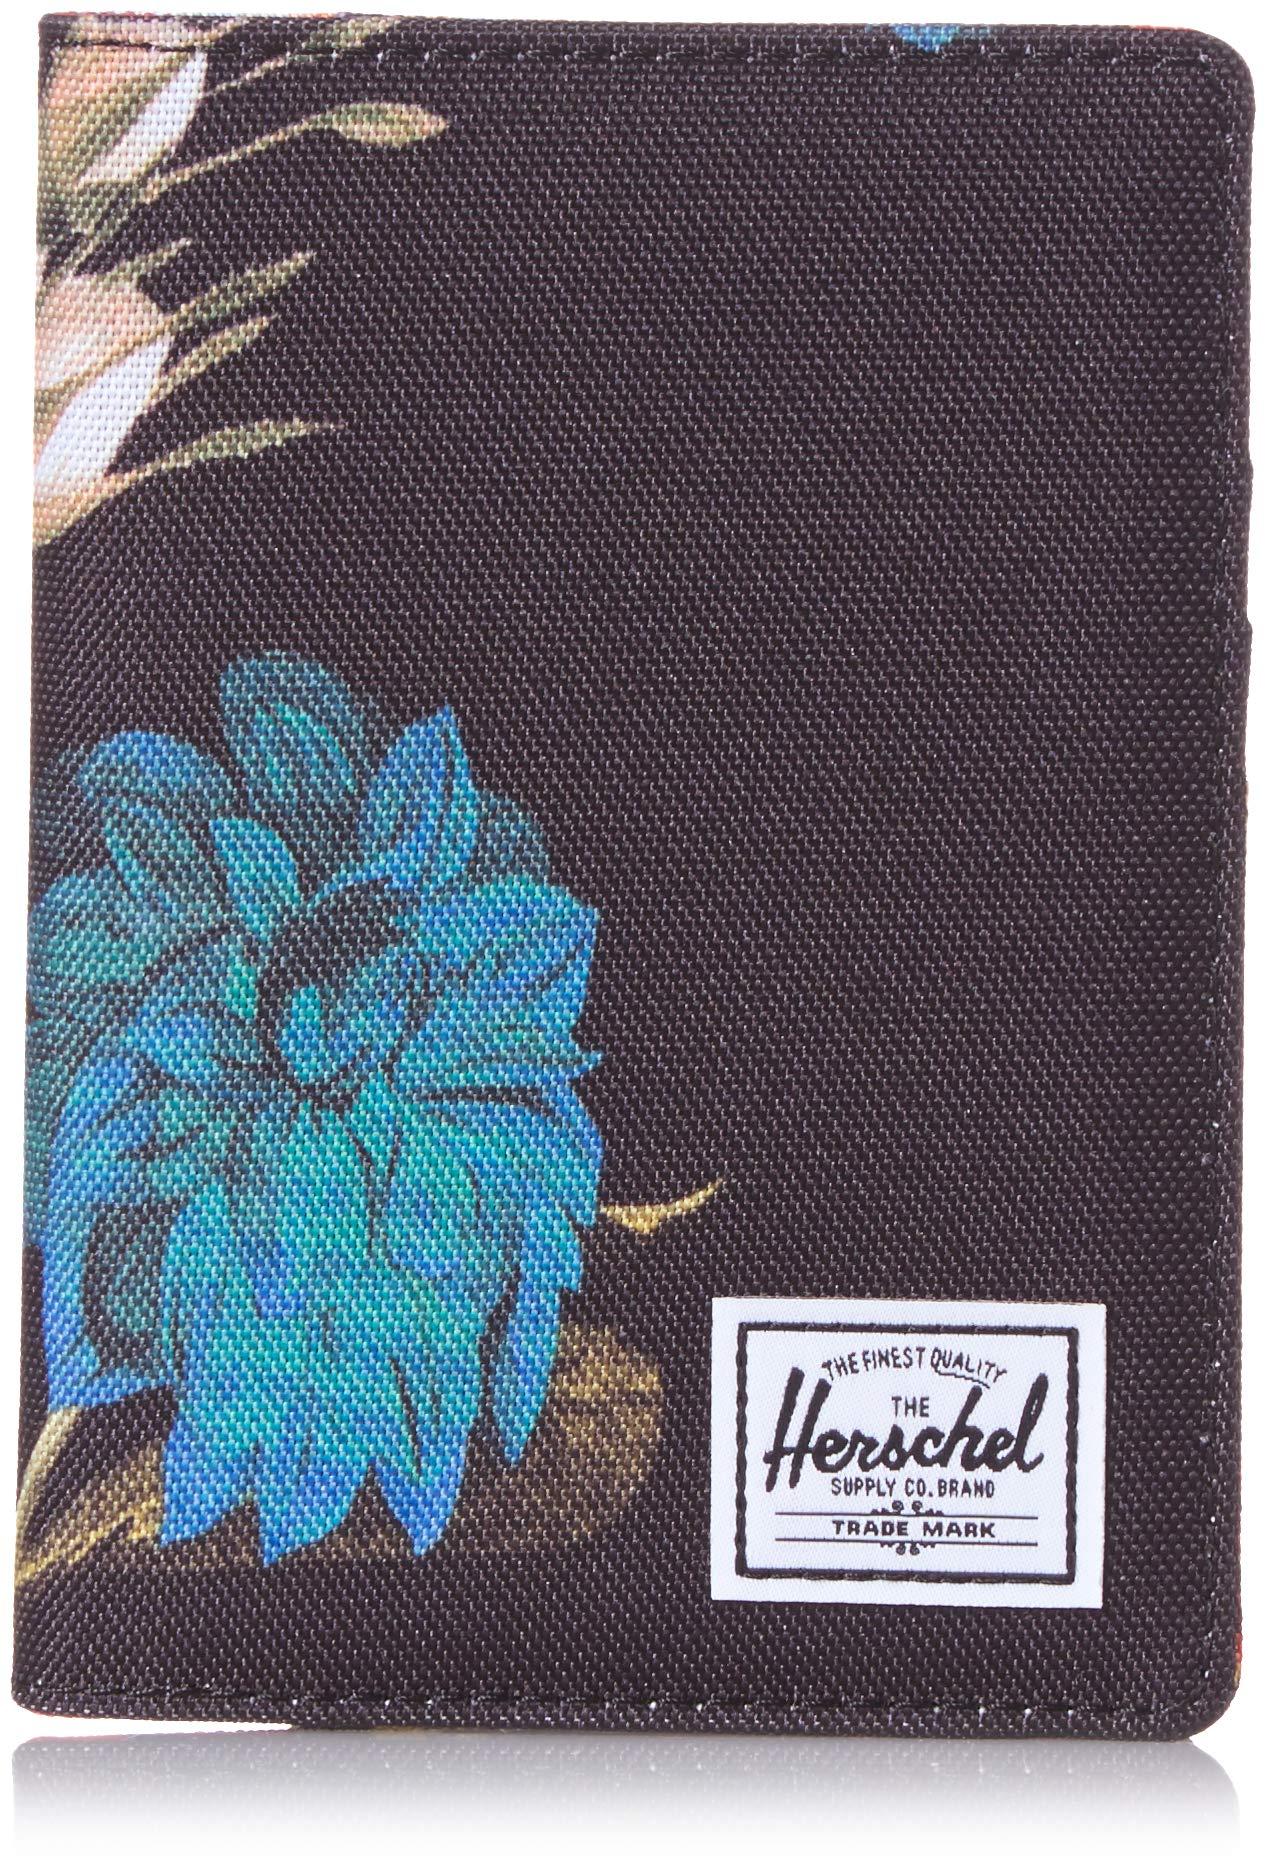 Herschel Men's Raynor Passport Holder RFID, Vintage Floral Black, One Size by Herschel